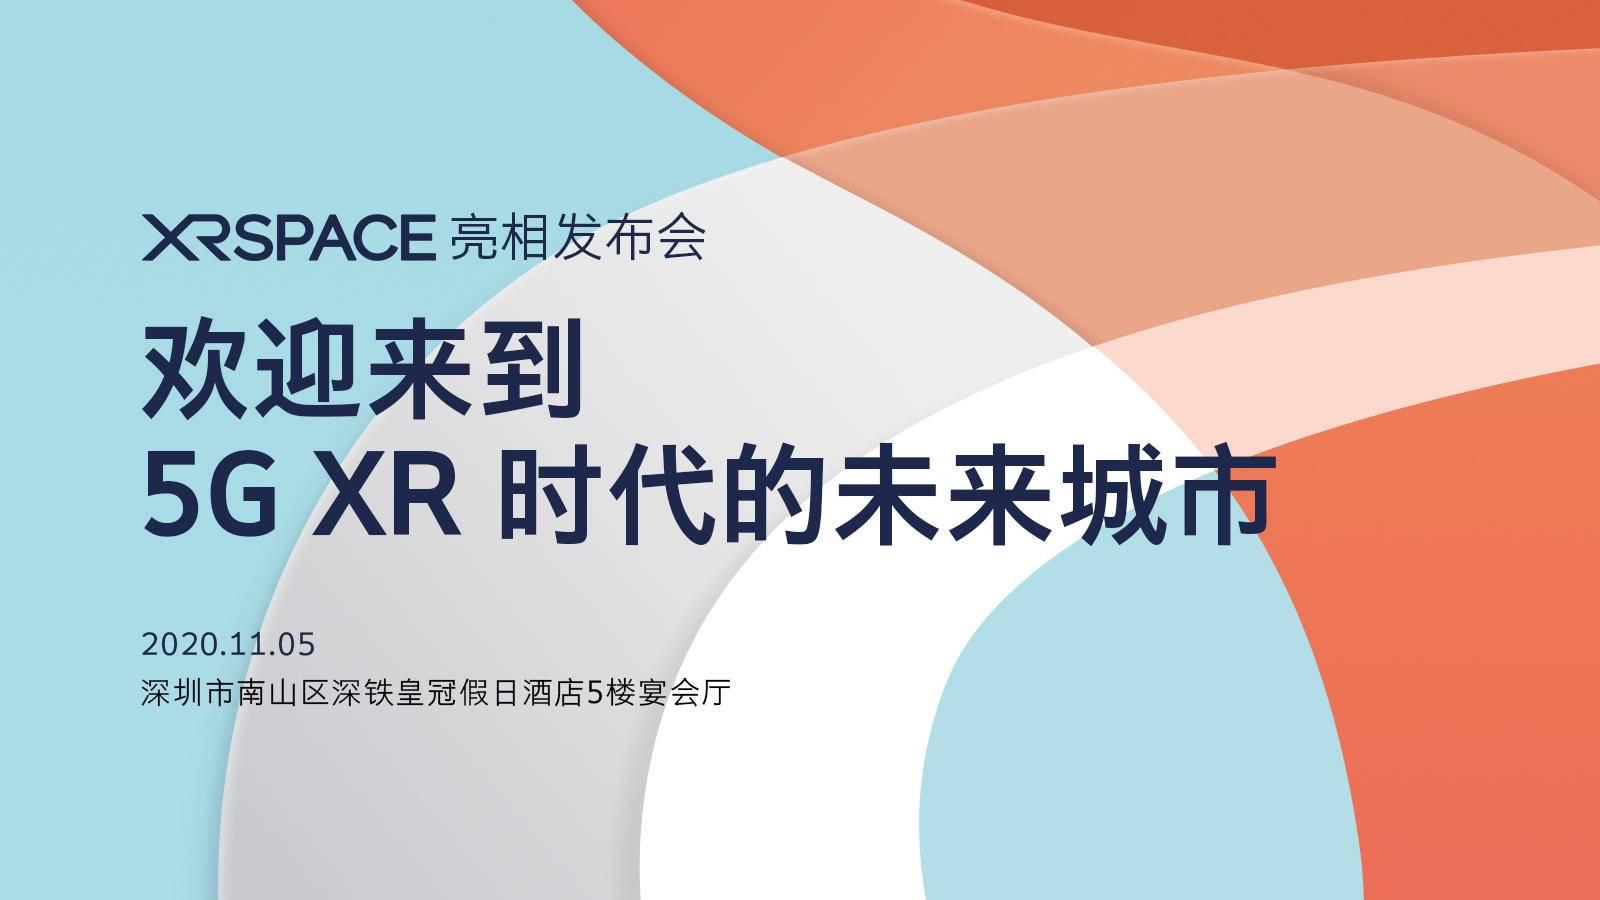 探索5G时代新场景,XRSPACE MANOVA VR一体机亮相发布会议程公布